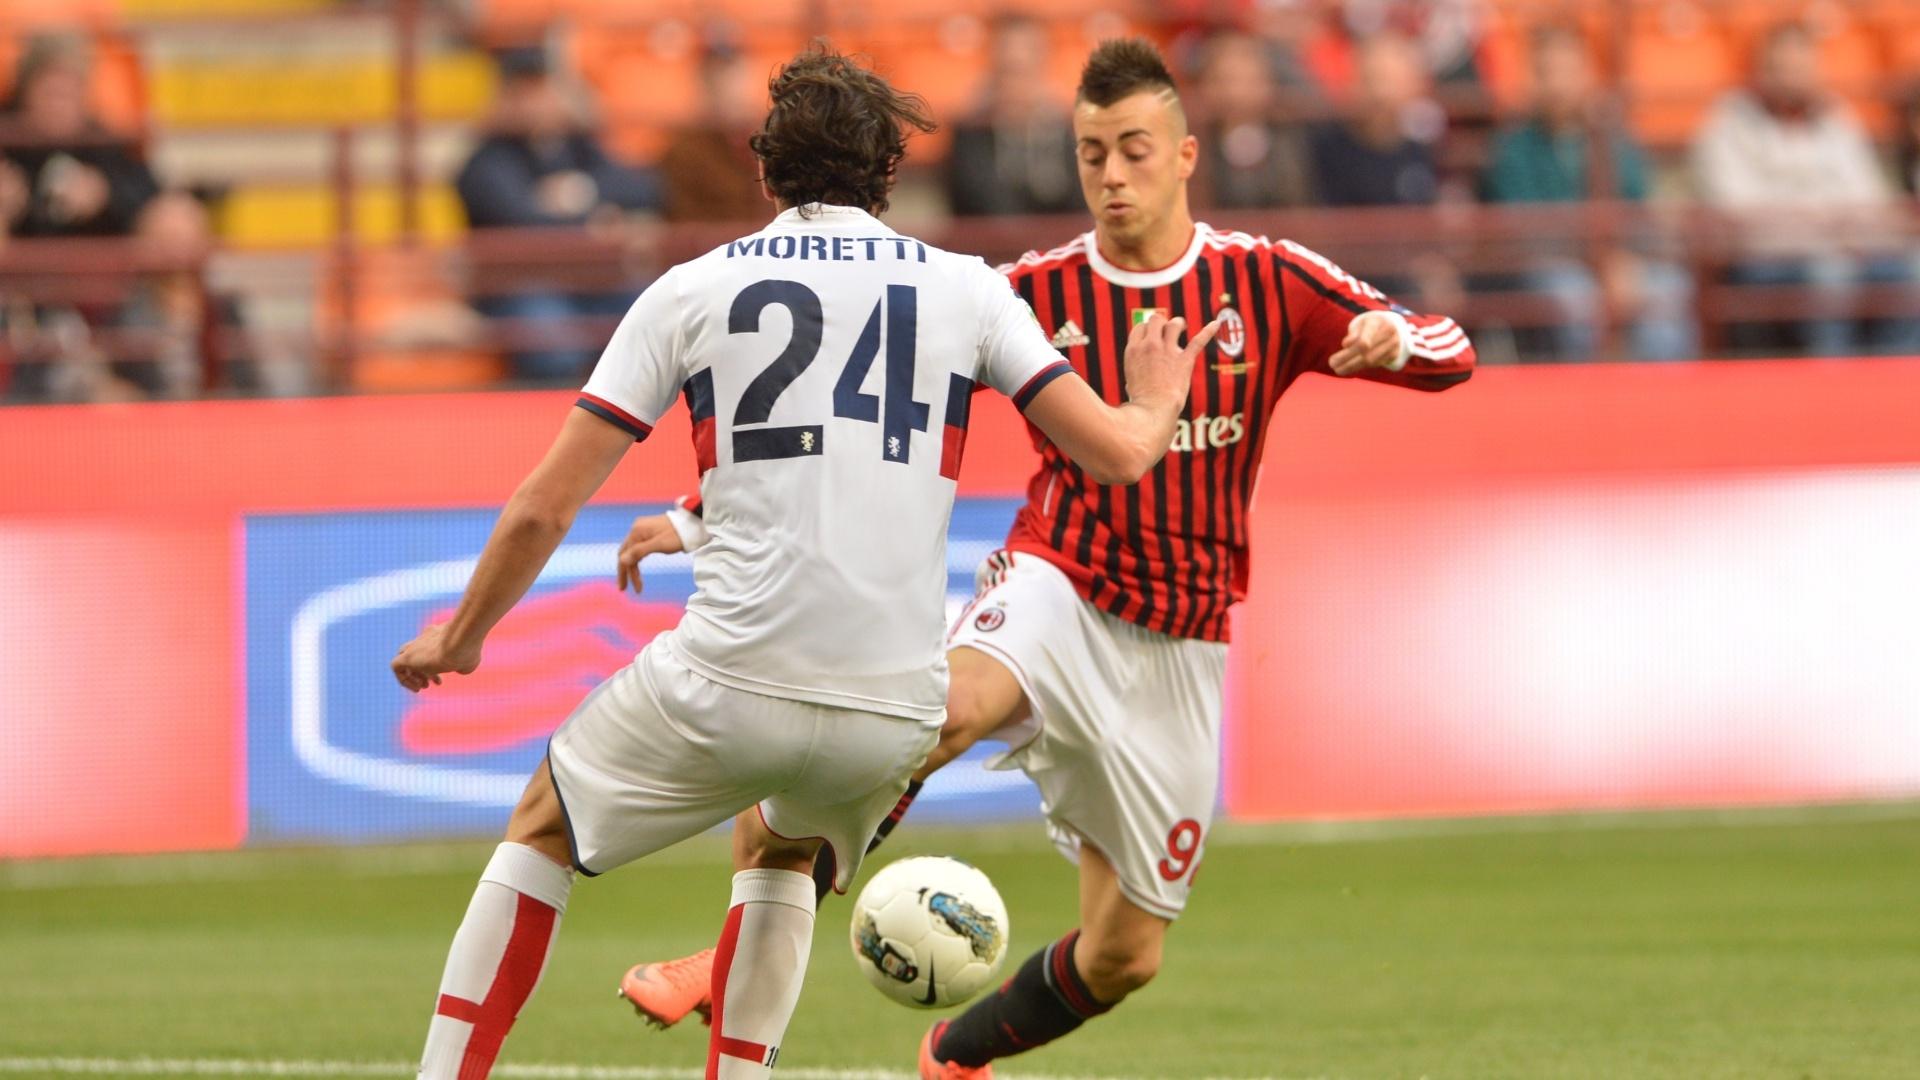 Atacante El Shaarawy tenta passar pela marcação de Moretti no duelo entre Milan e Genoa, pela 33ª rodada do Italiano